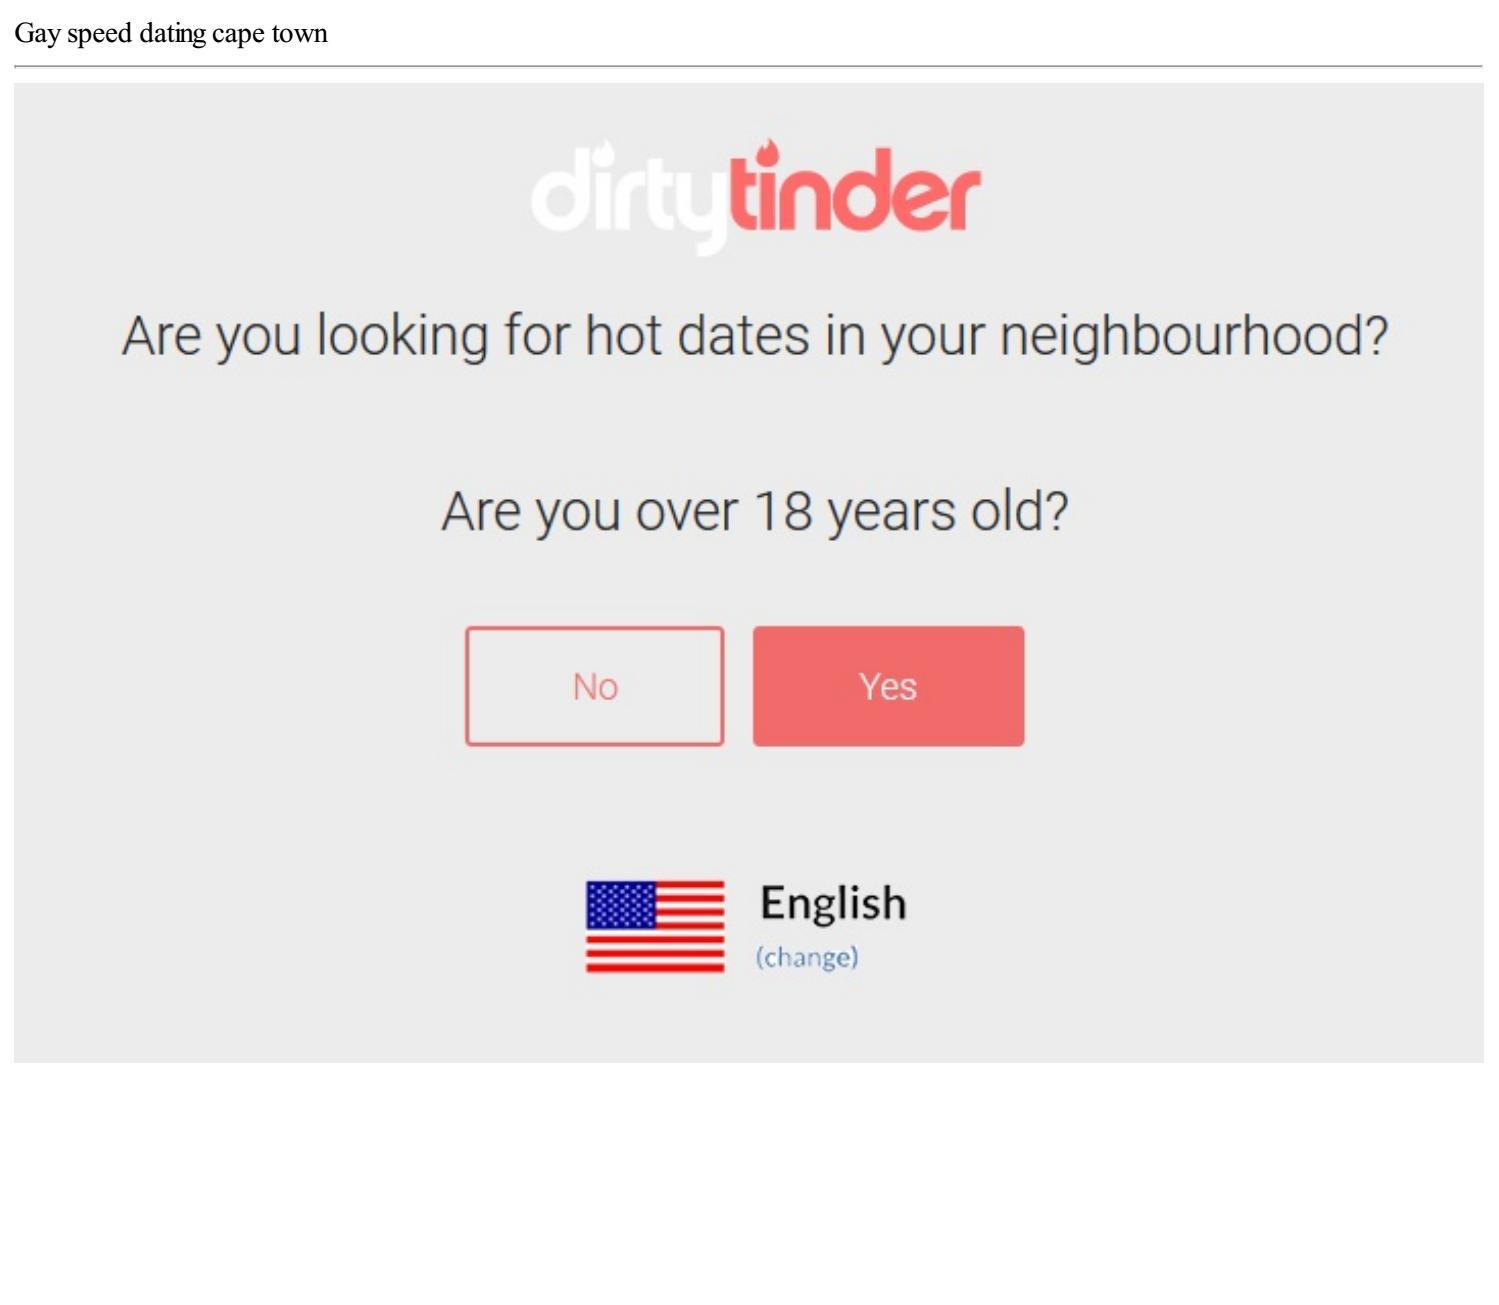 omkostninger til at skabe en dating hjemmeside